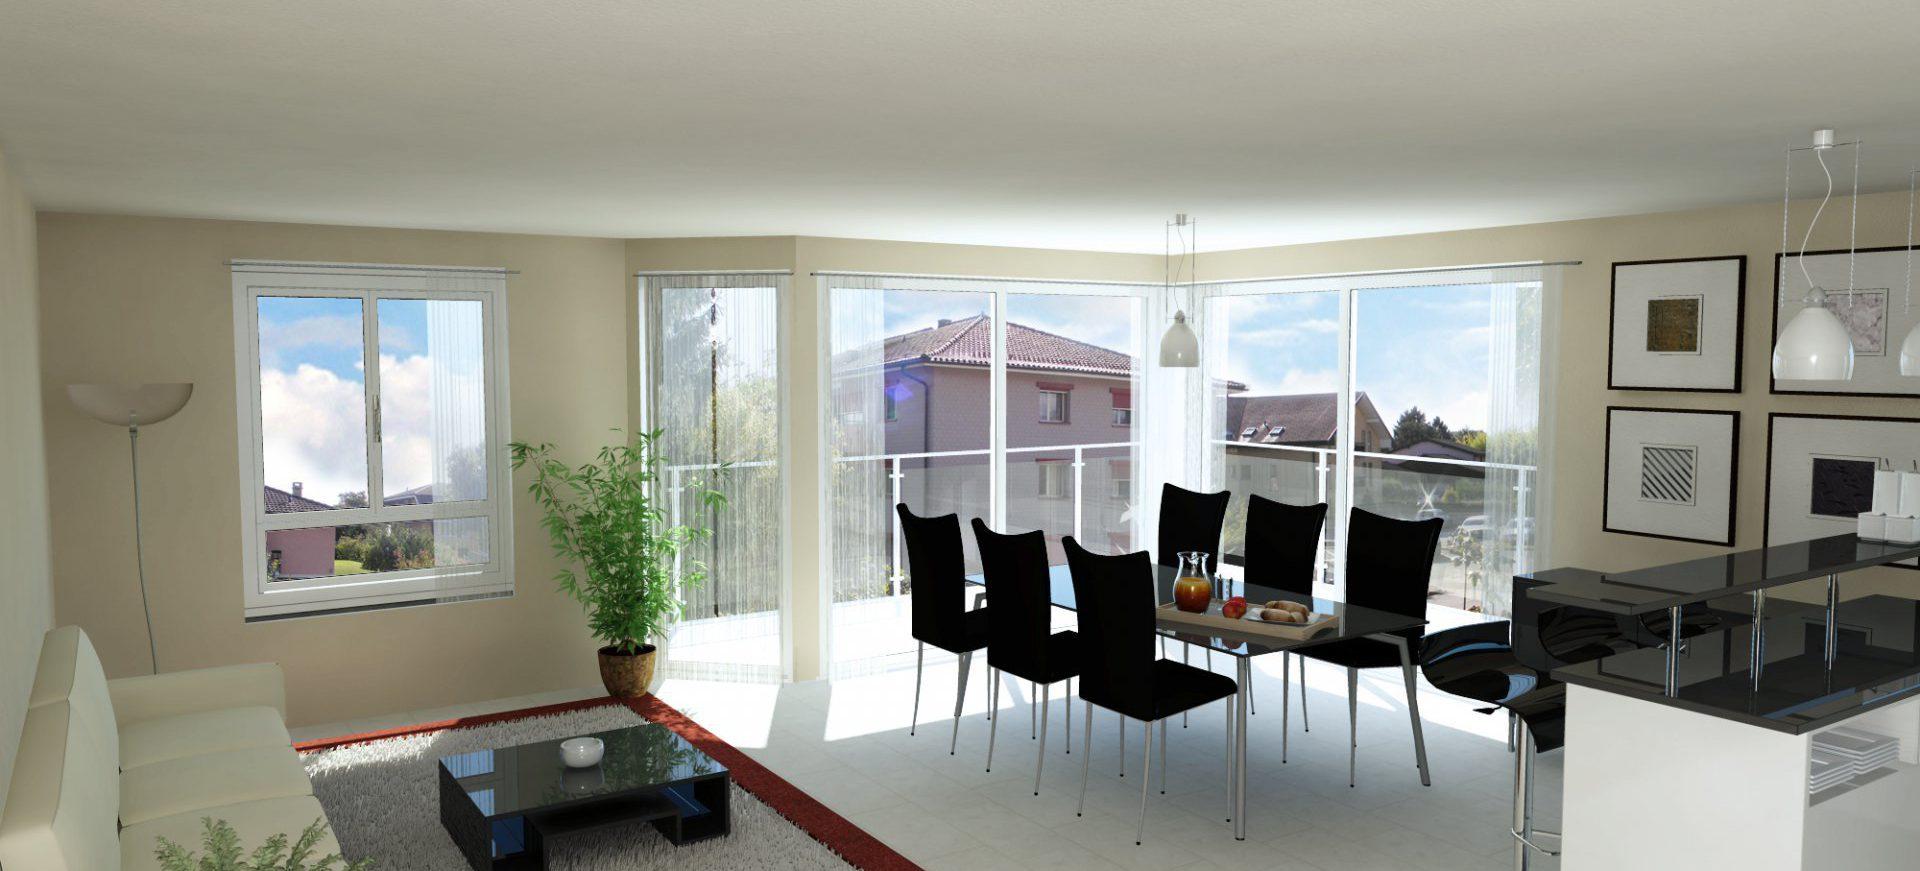 Appartement neuf de 4.5 pièces à St-Prex avec finitions à choix